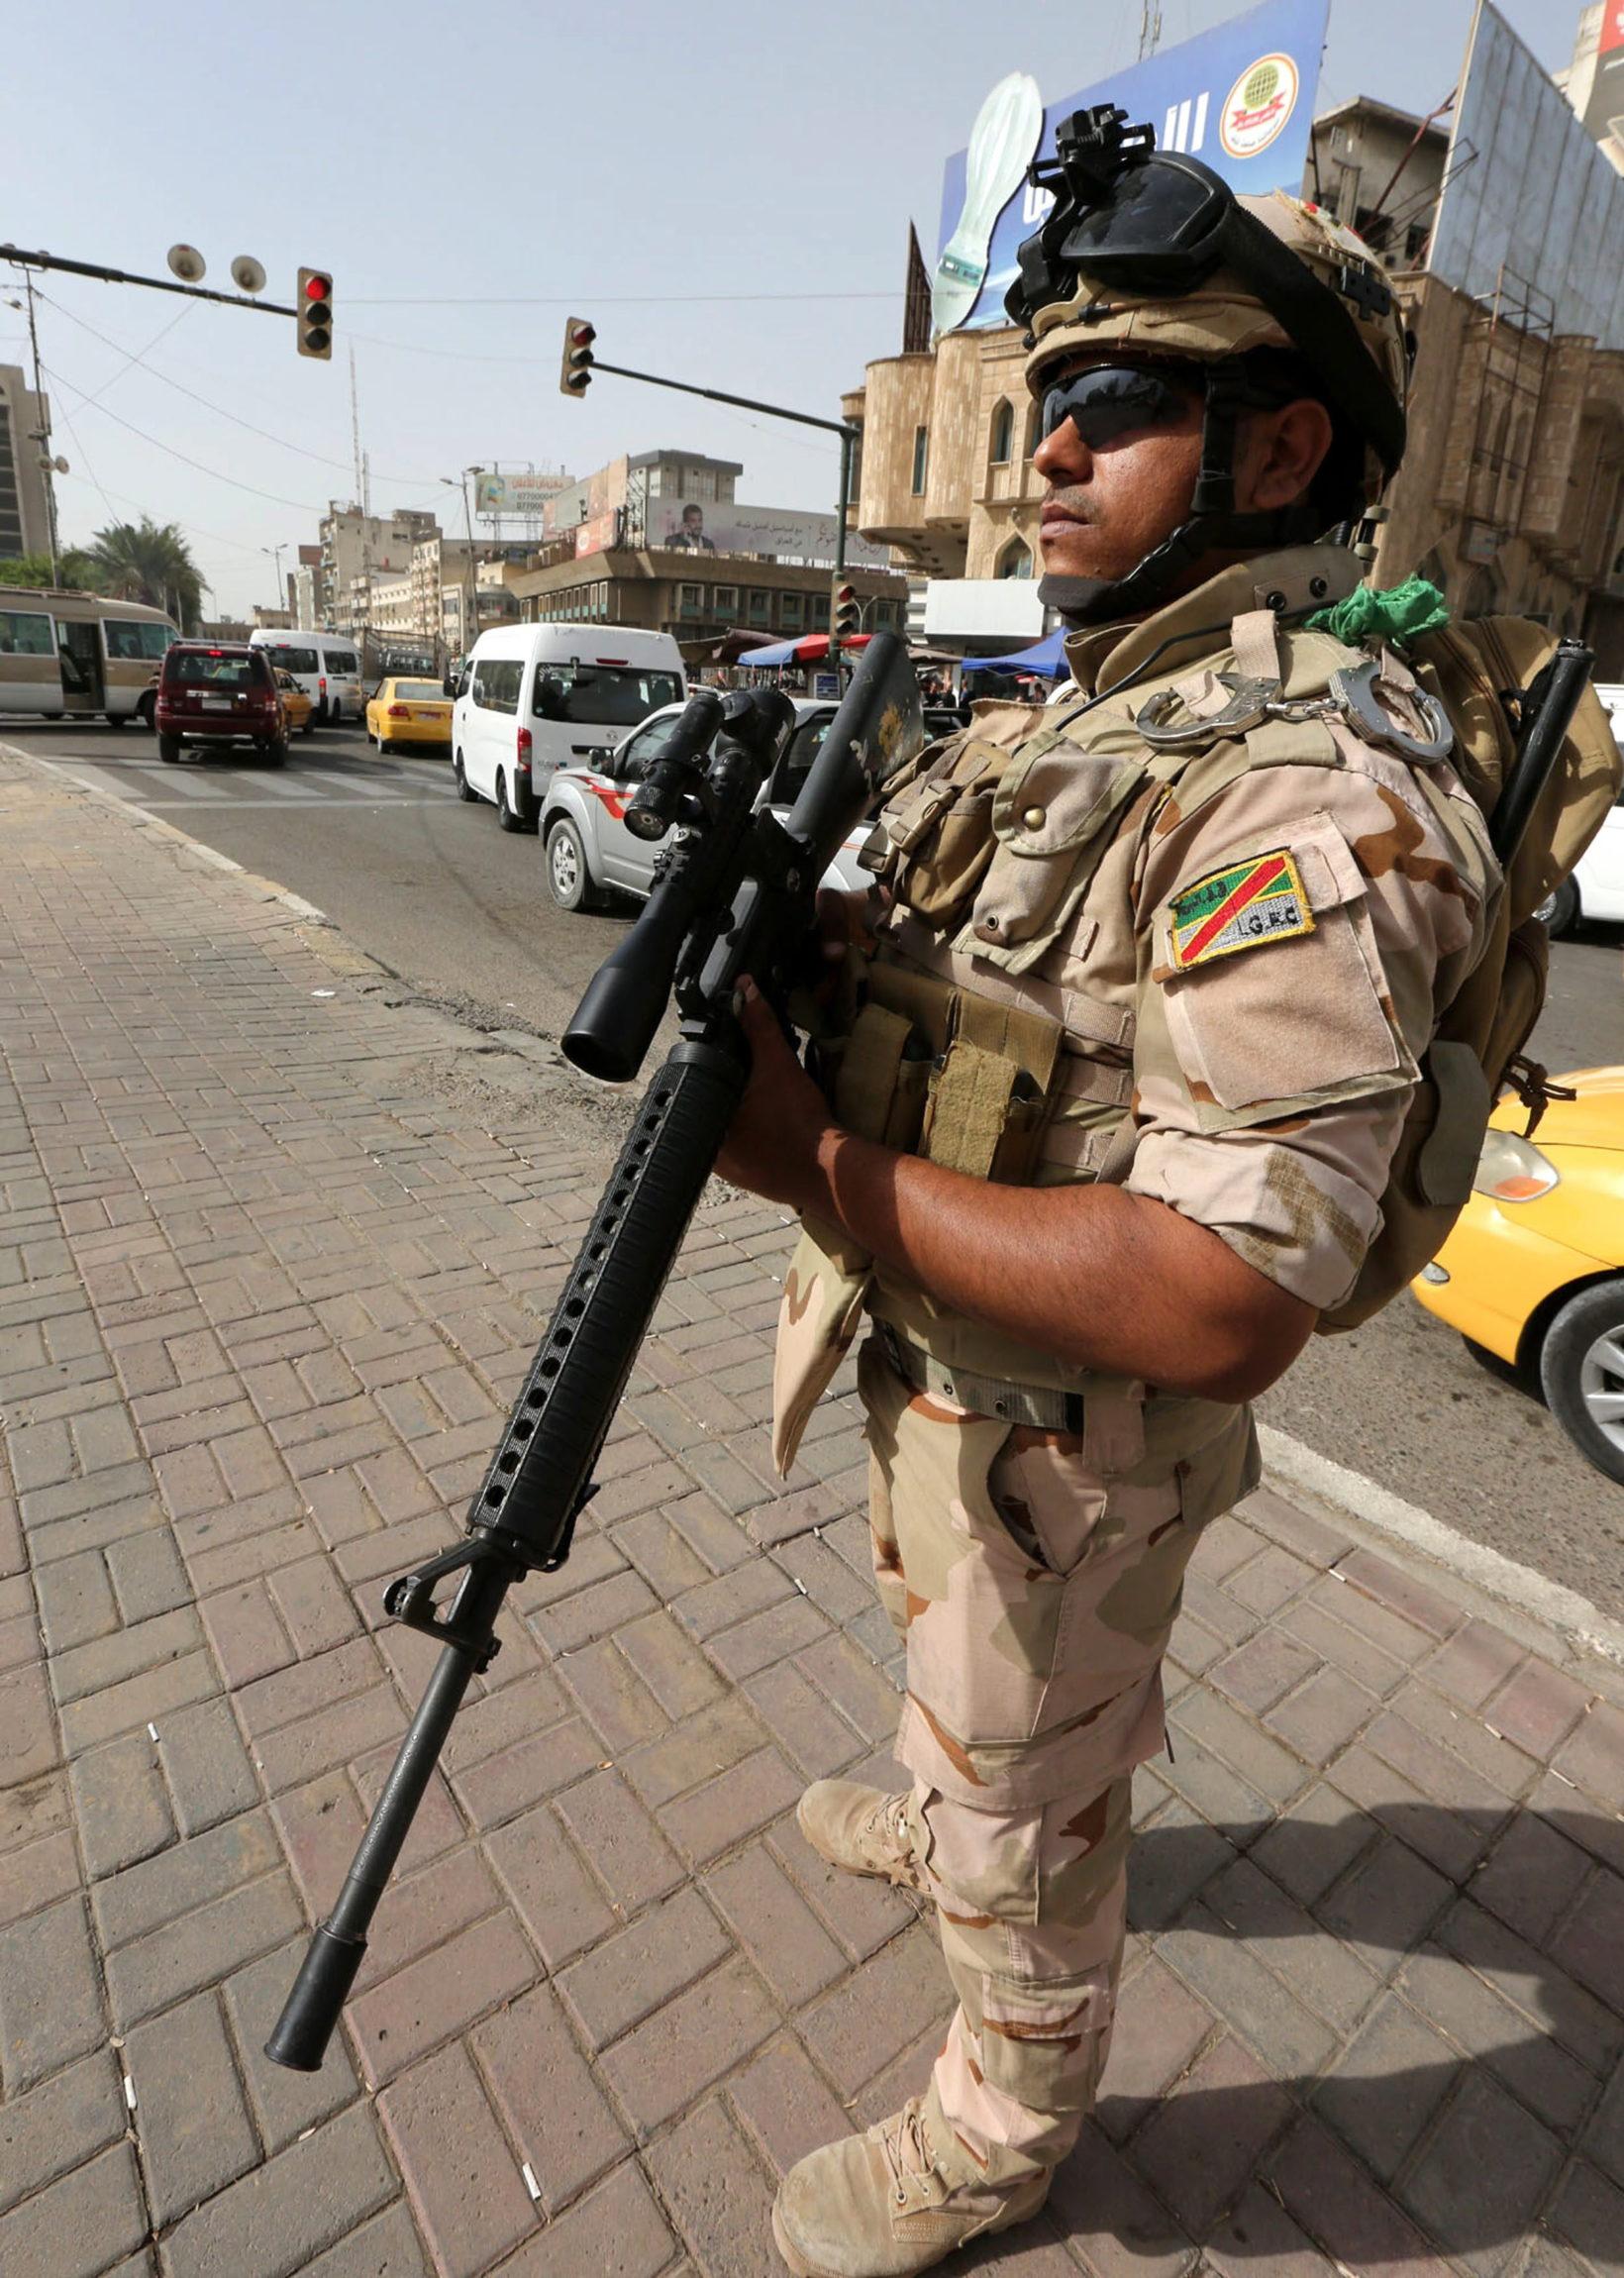 Irak: żołnierz irackiej armii podczas patrolu w Bagdadzie (foto. PAP/EPA/ALI ABBAS)